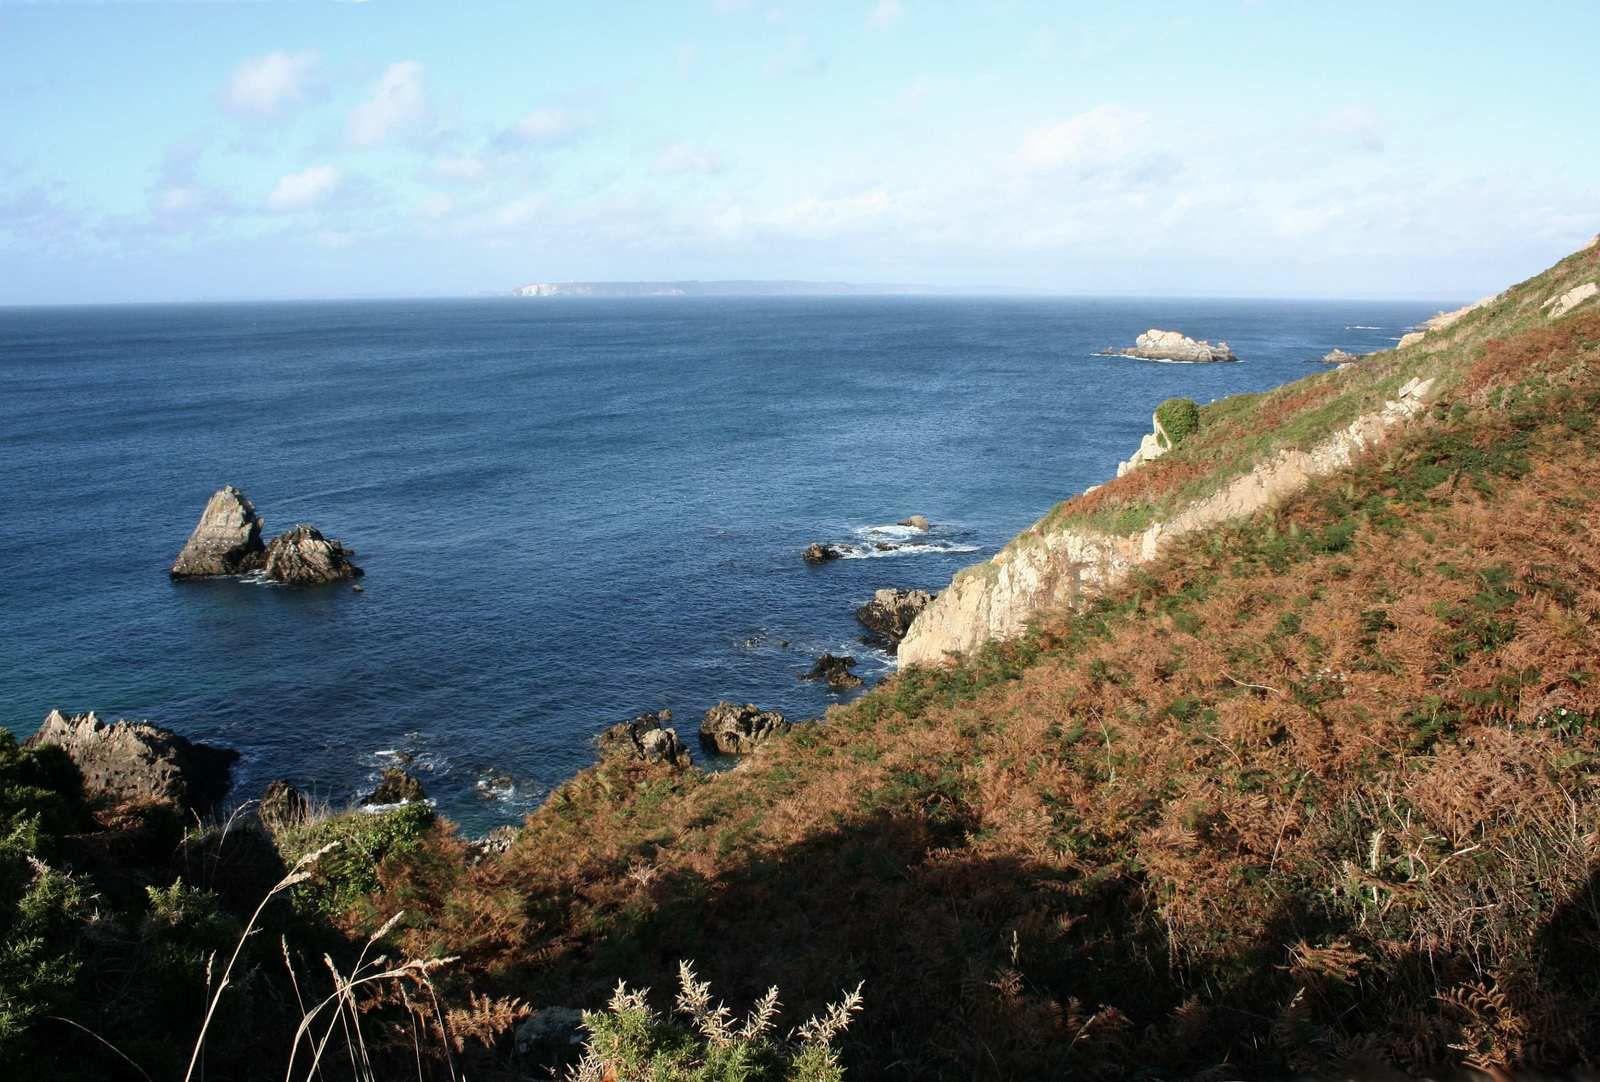 Vue sur la Presqu'île de Crozon (on aperçoit le Cap de La Chèvre à l'horizon) depuis la pointe de Lesven avant de traverser la campagne et de découvrir le mémorial FFI - FTP